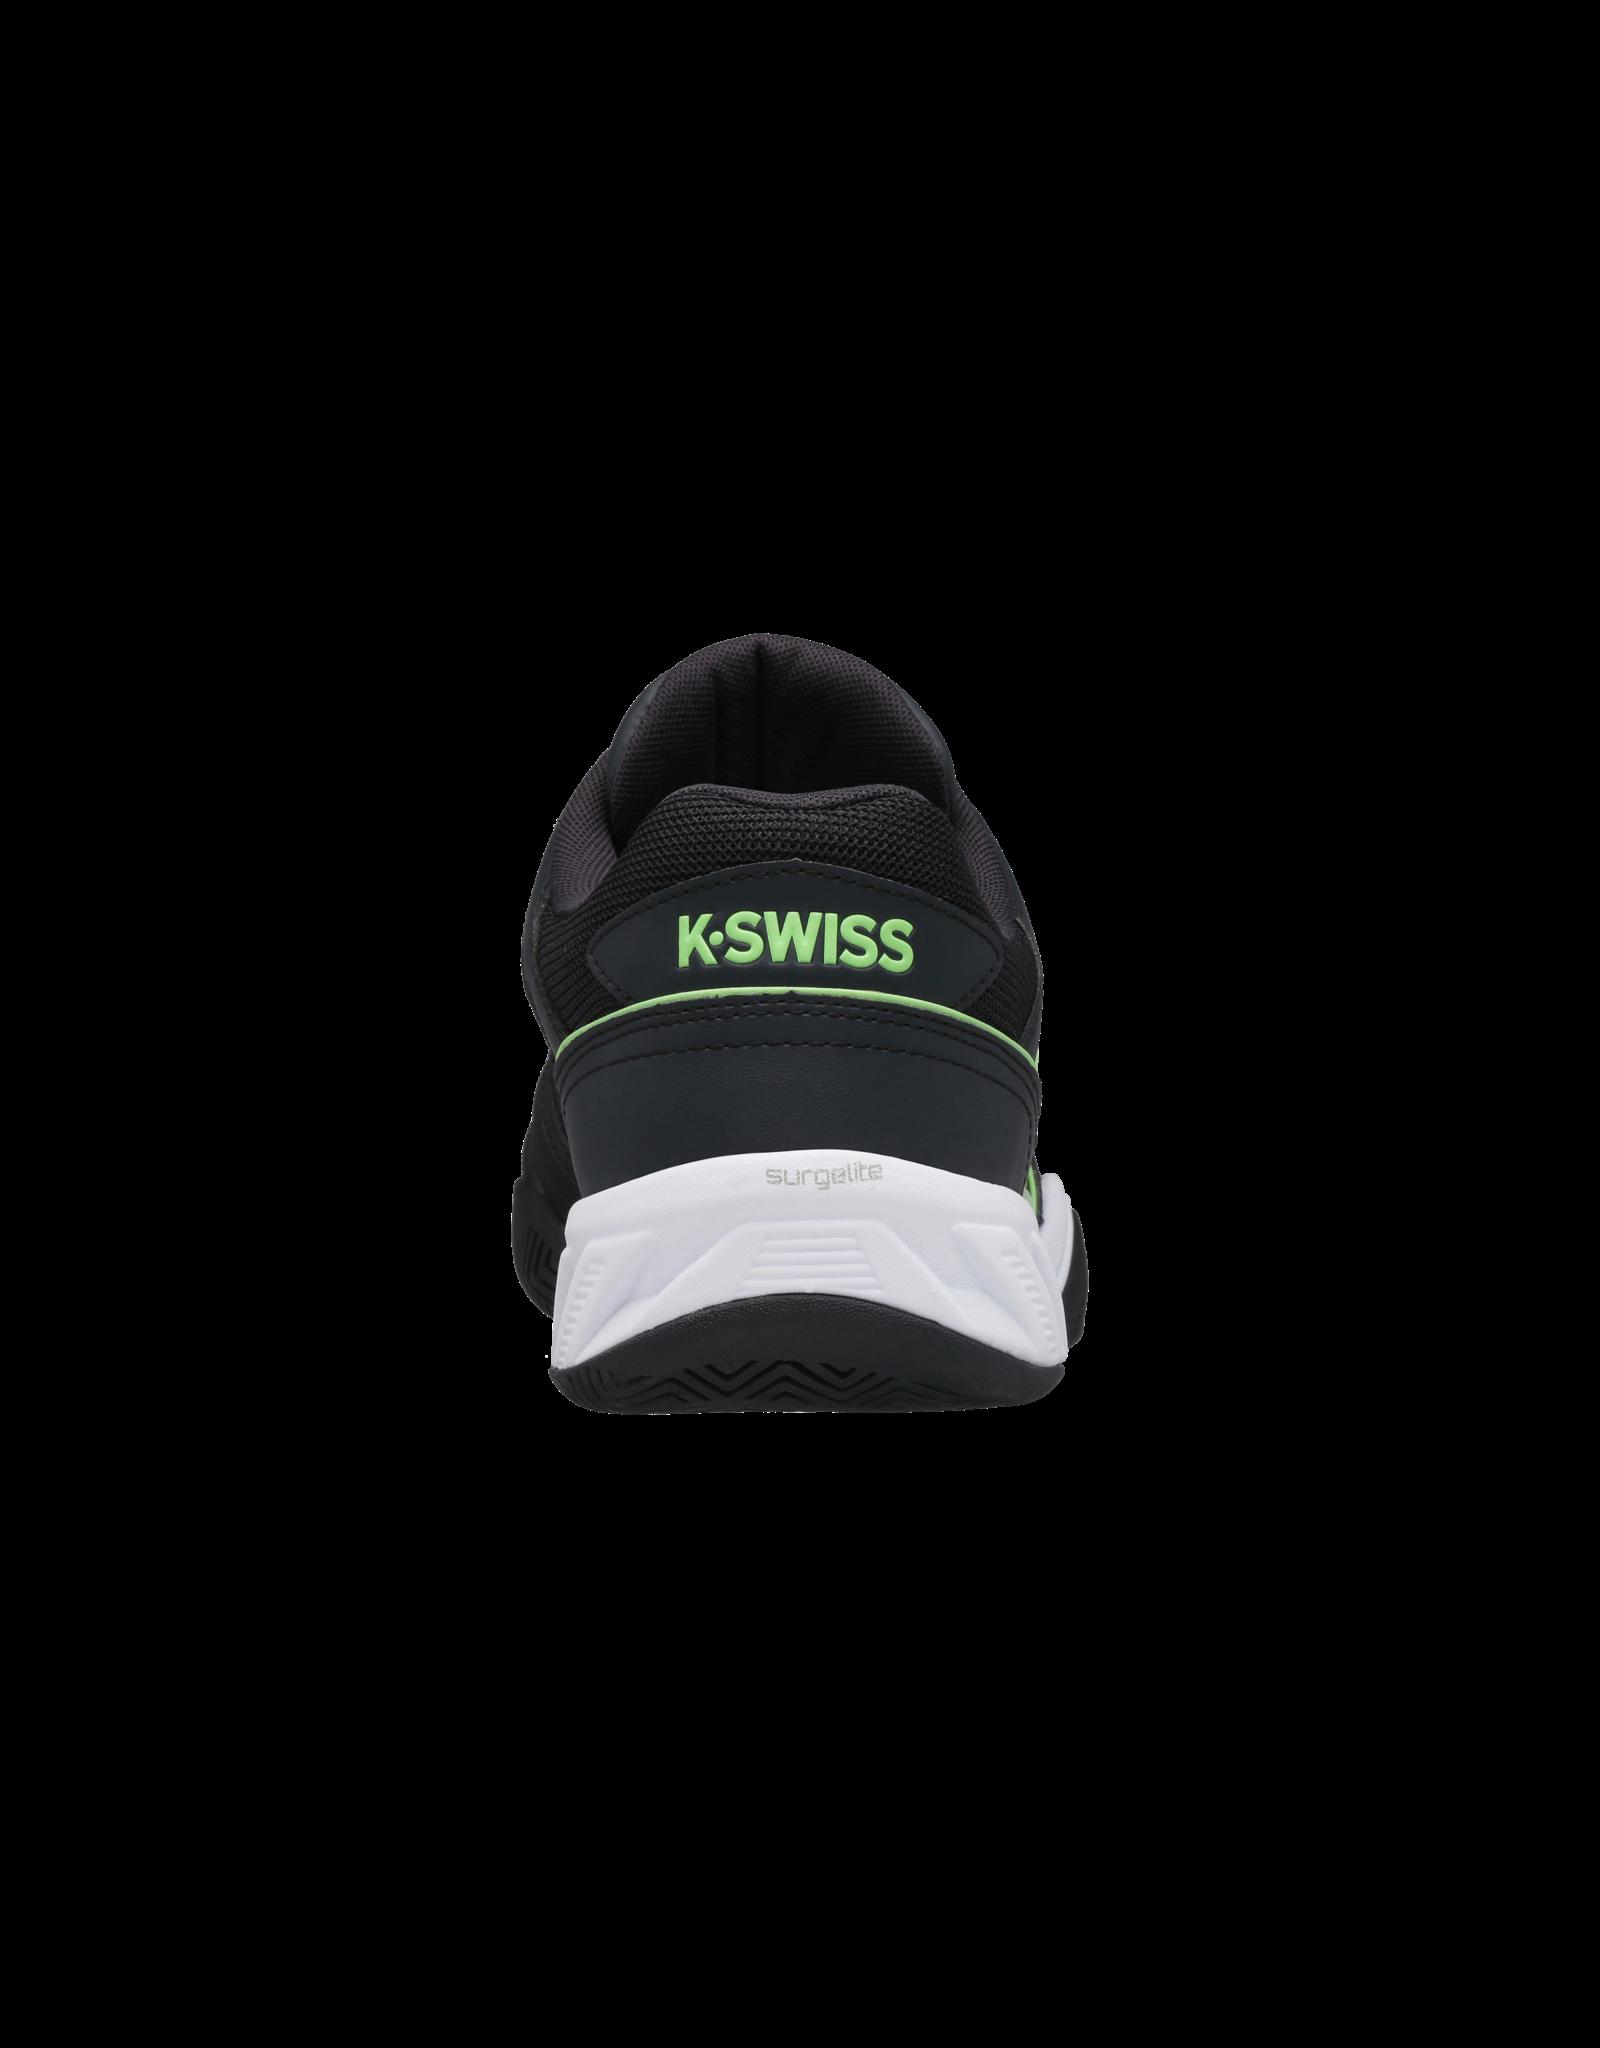 K-swiss MENS-KS TFW BIGSHOT LIGHT 4-BLUE GRAPH/SOFT N GREEN/WHT